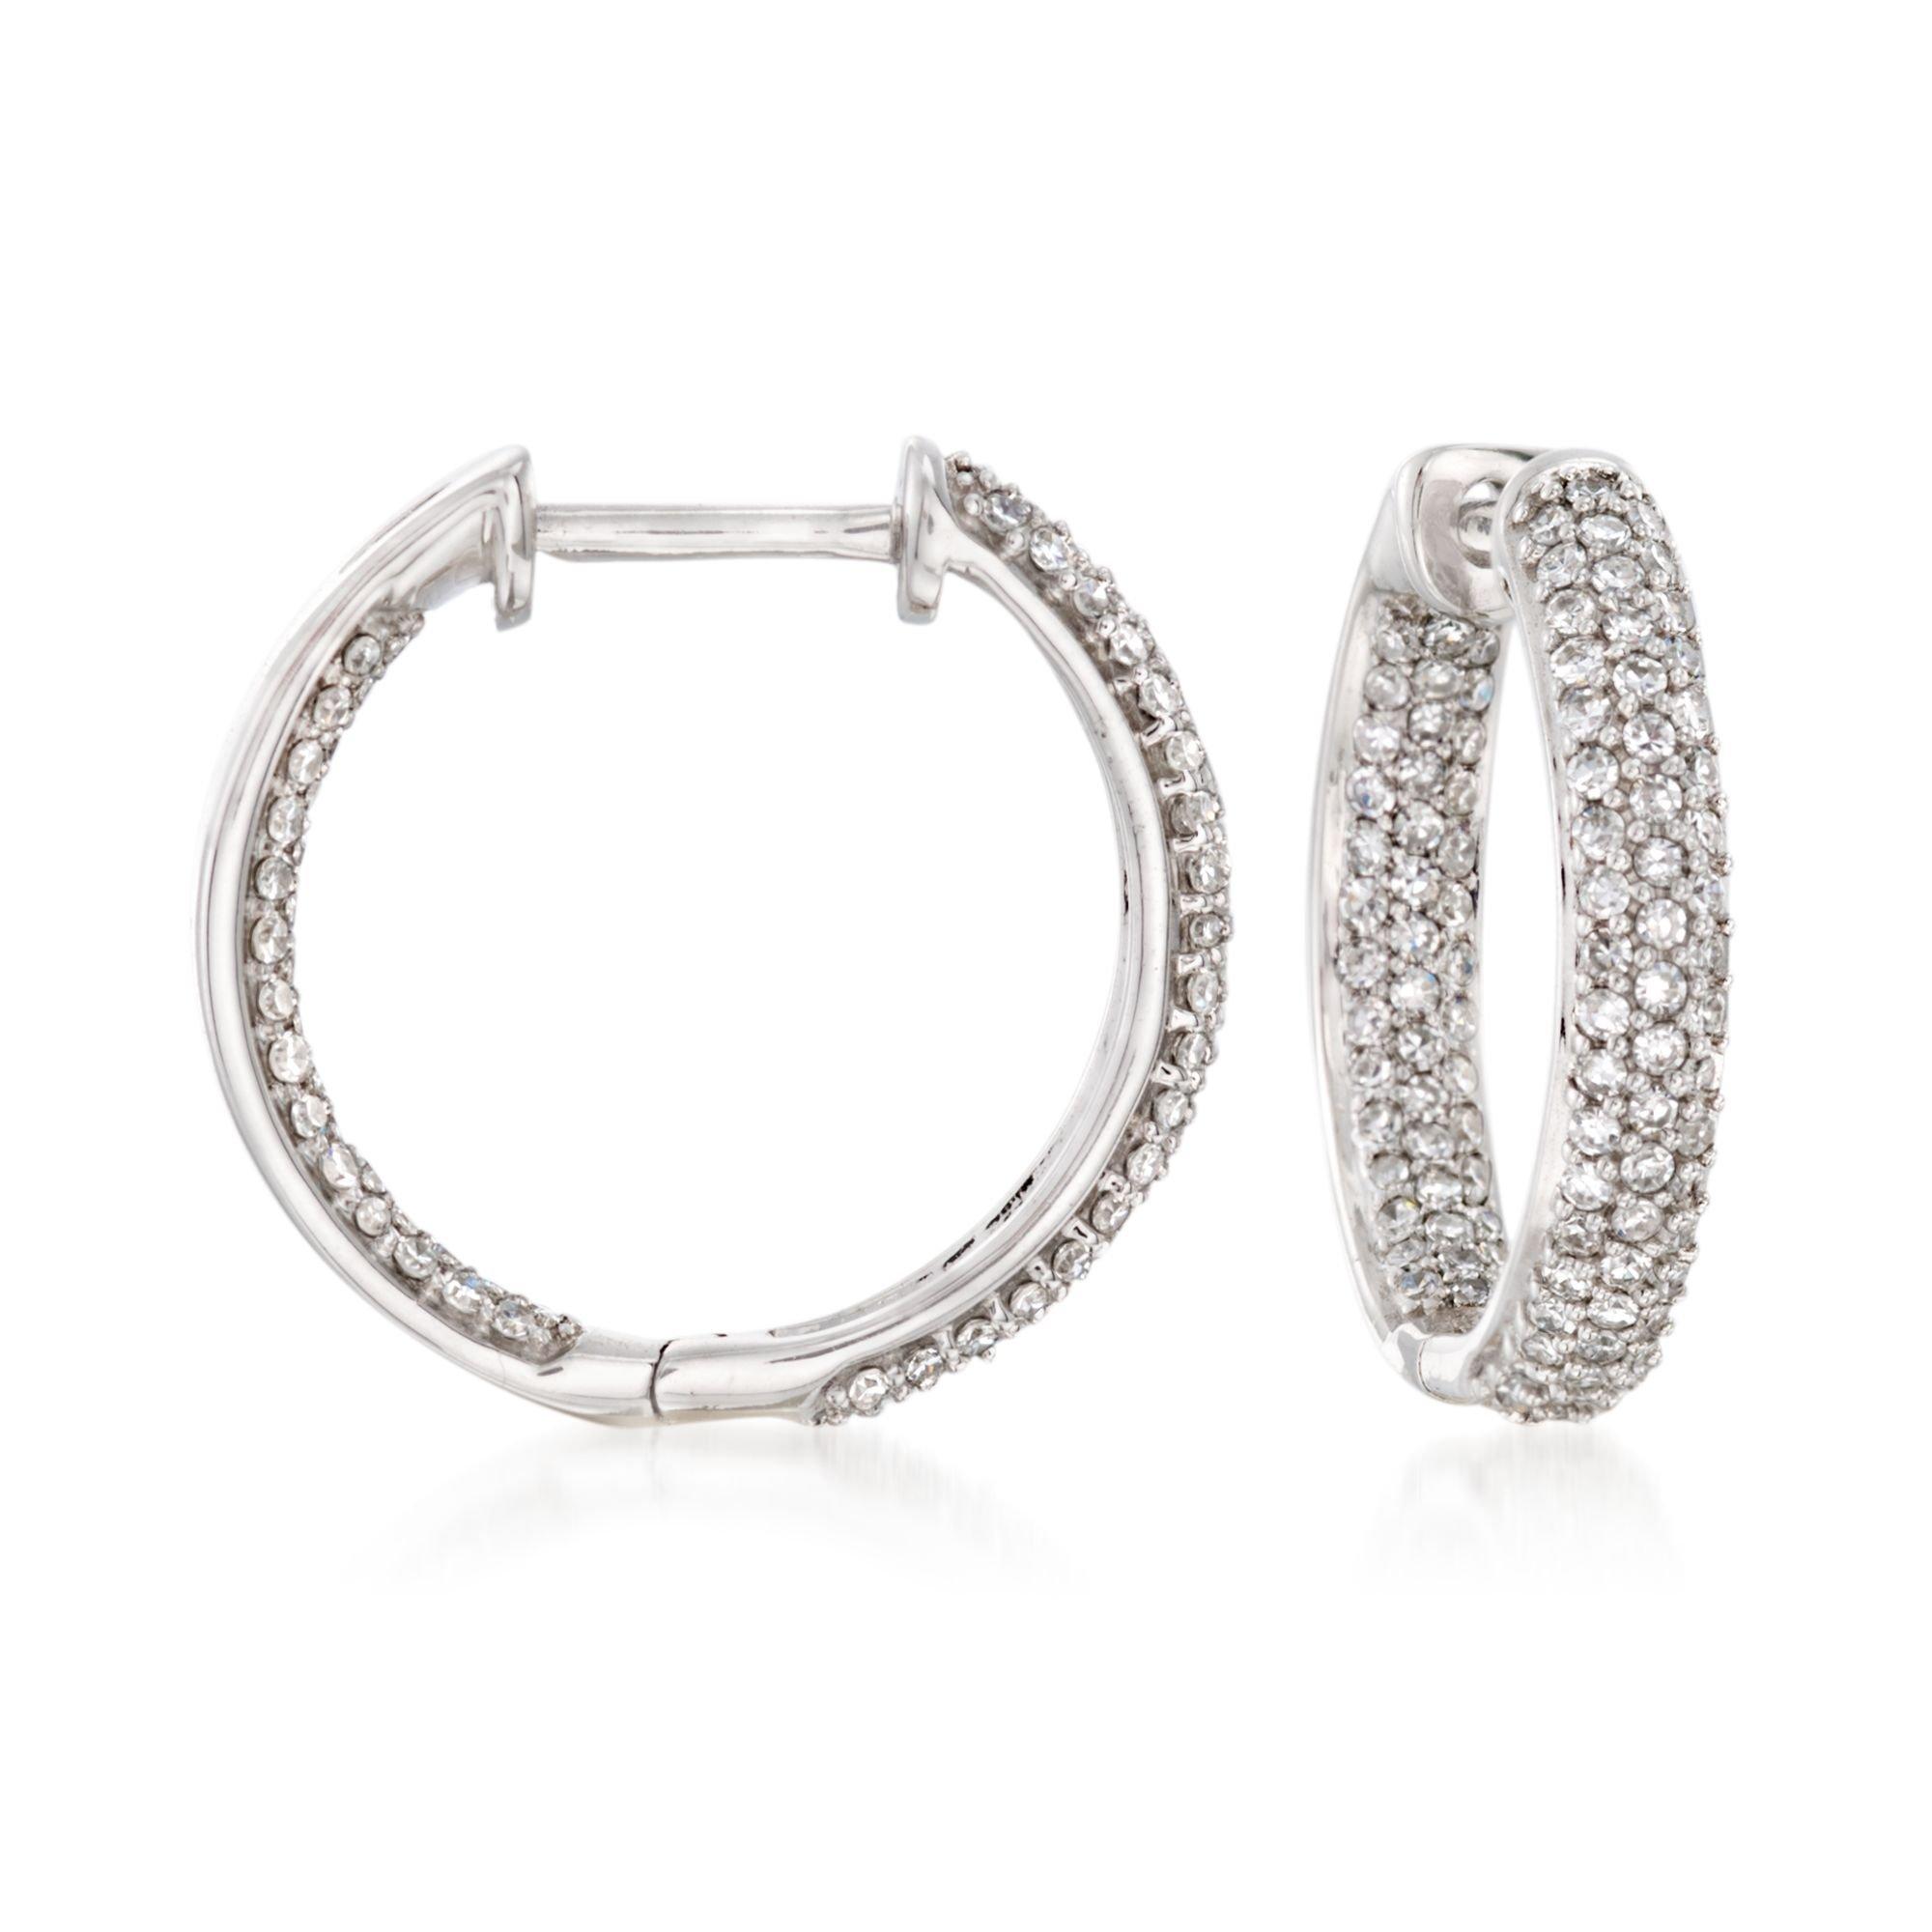 Ross-Simons 0.50 ct. t.w. Pave Diamond Inside-Outside Hoop Earrings in 14kt White Gold